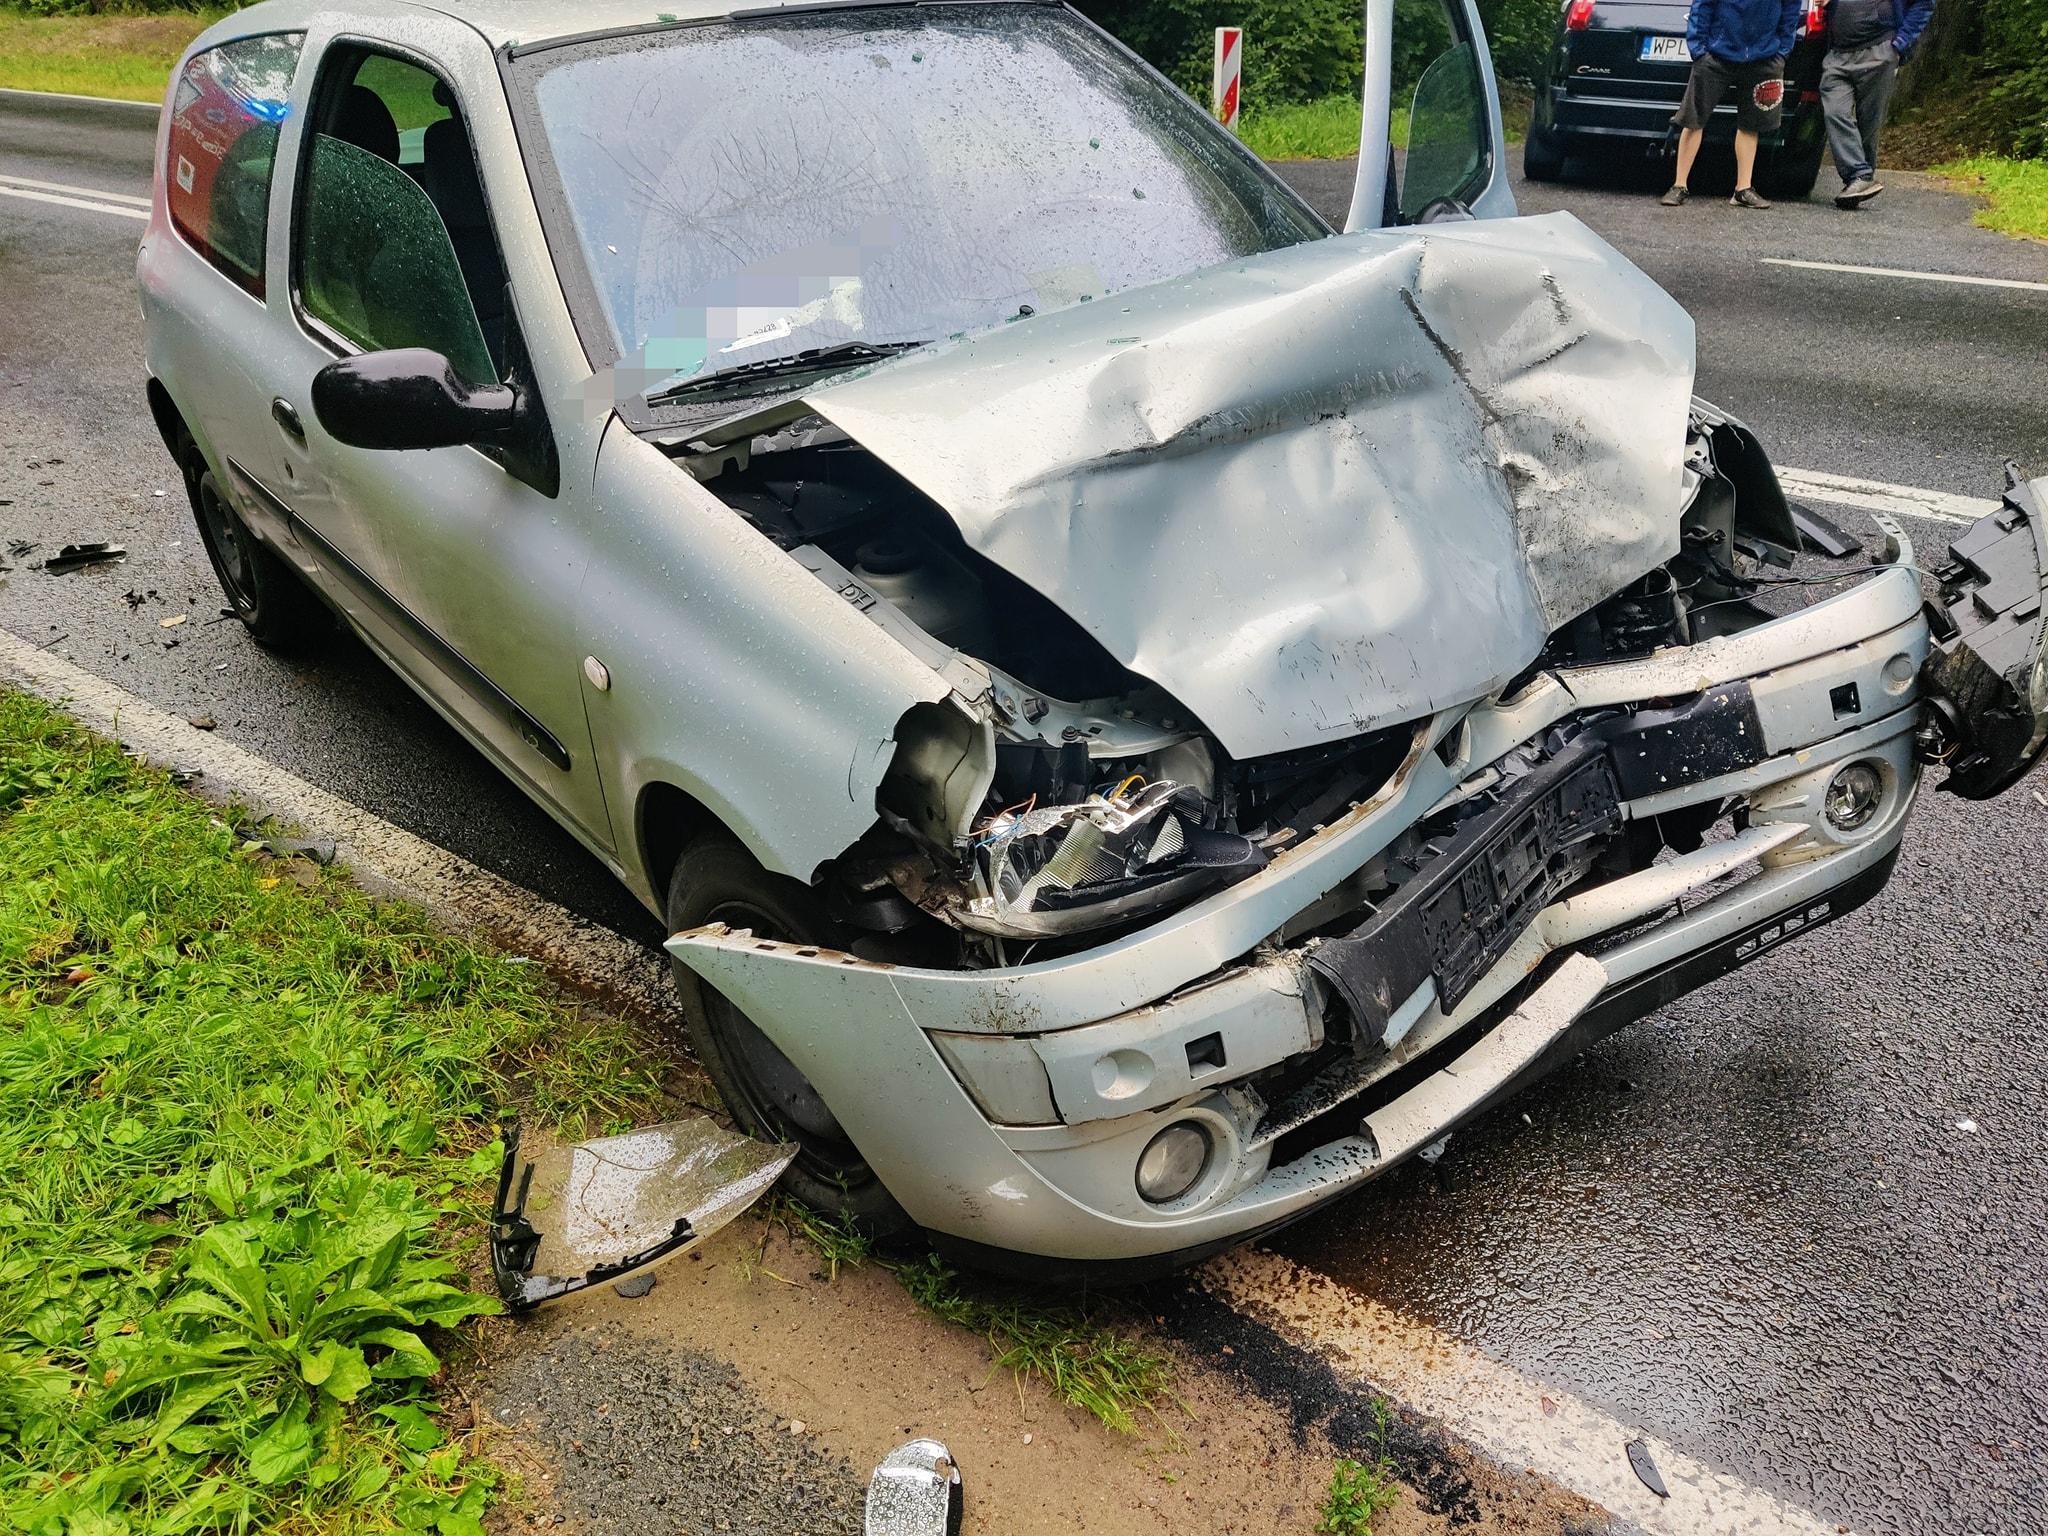 Wypadek niedaleko Płocka. Jedna osoba ranna [ZDJĘCIA] - Zdjęcie główne